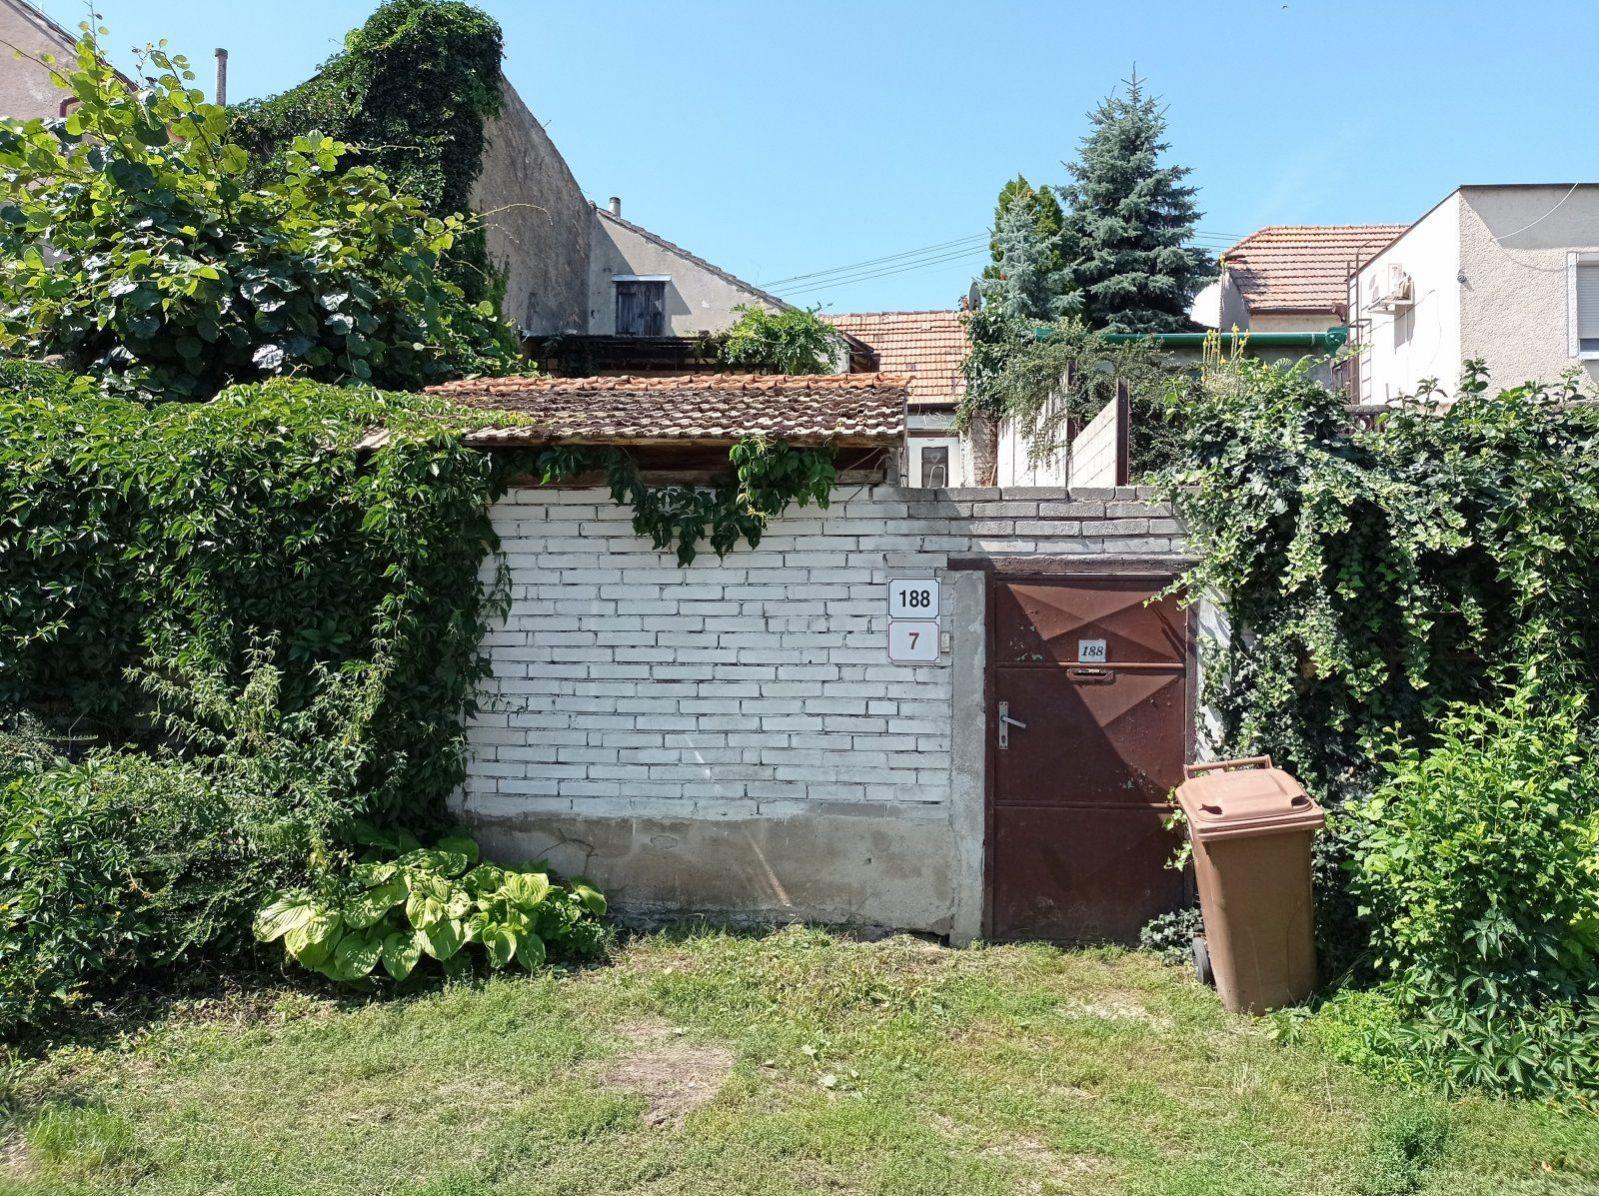 Prodej domu 2+kk v Břeclavi v atraktivní lokalitě městské části Poštorná